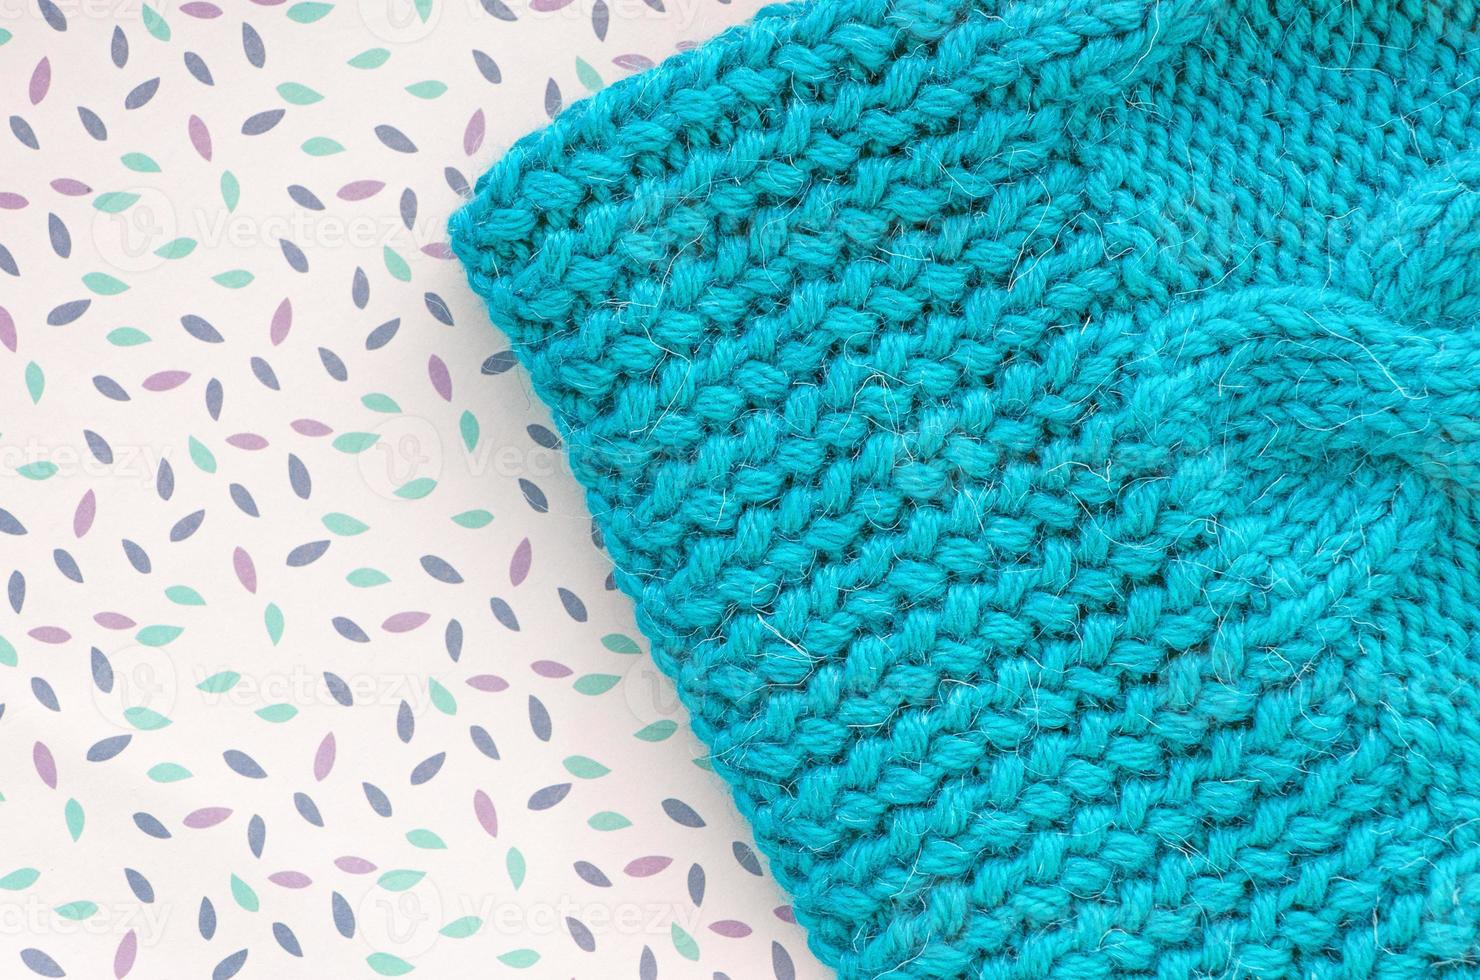 berretto fatto a mano. sfondo a maglia. trama a maglia. foto